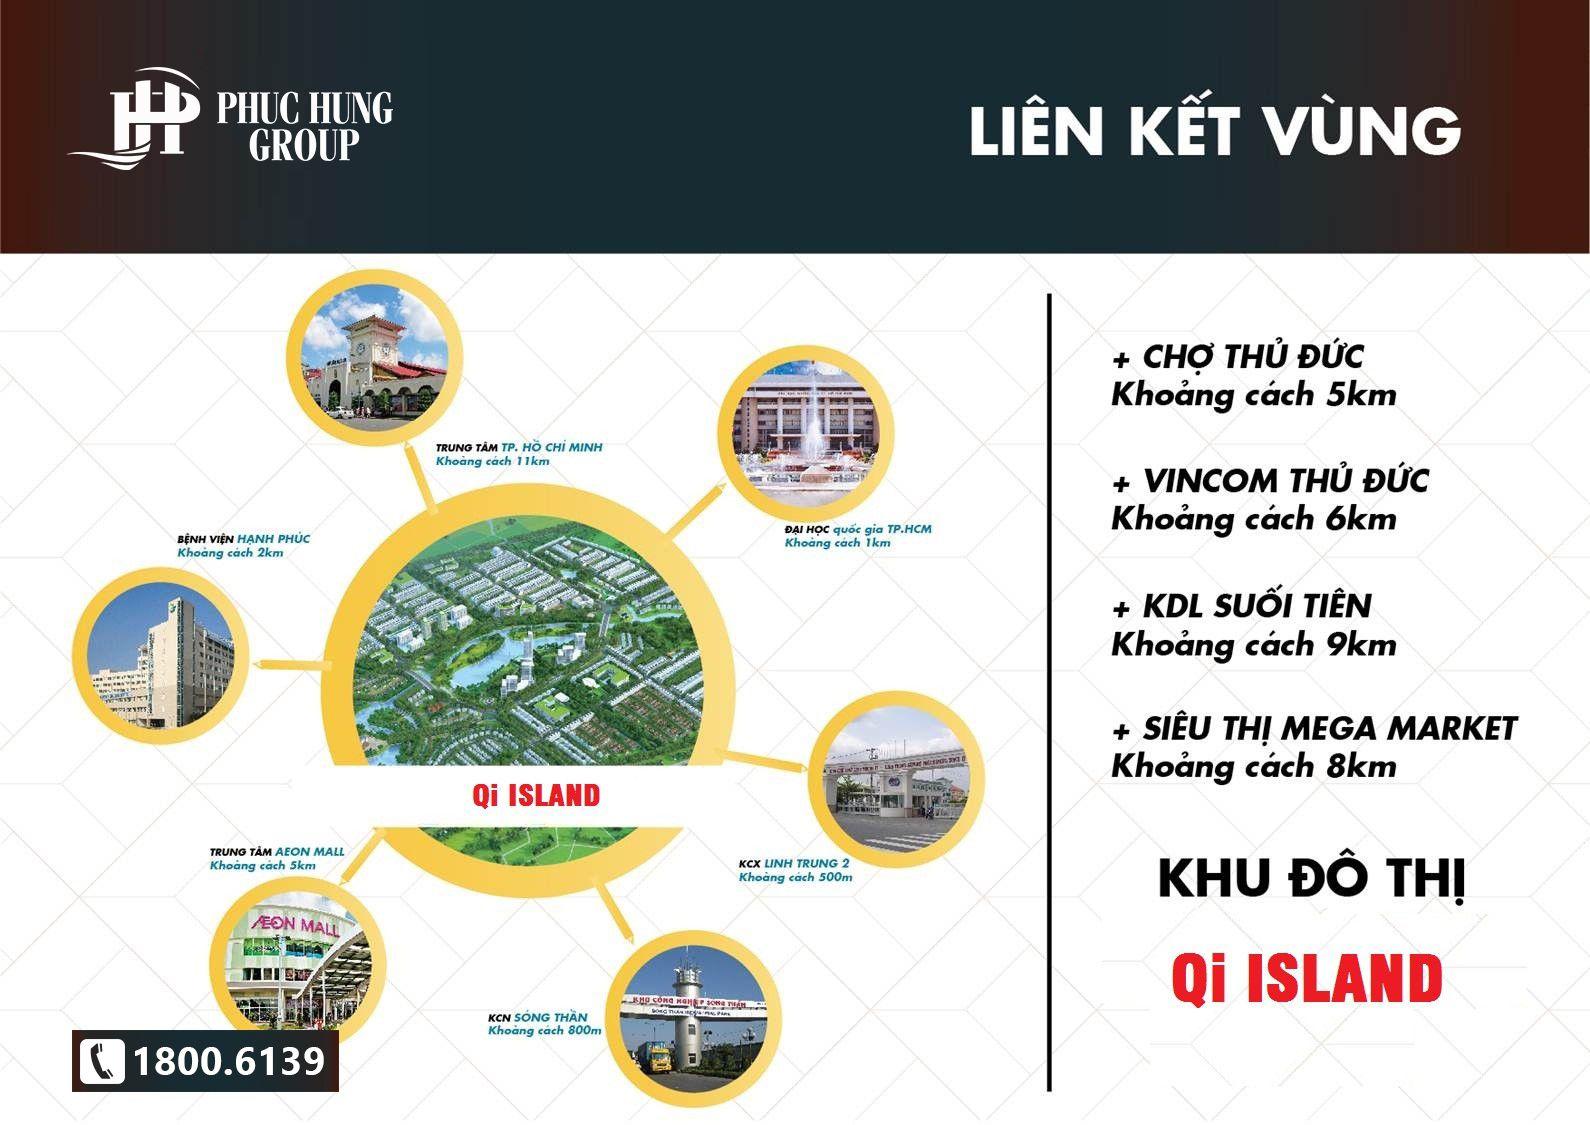 Tiện ích ngoại khu dự án Qi Island Bình Dương